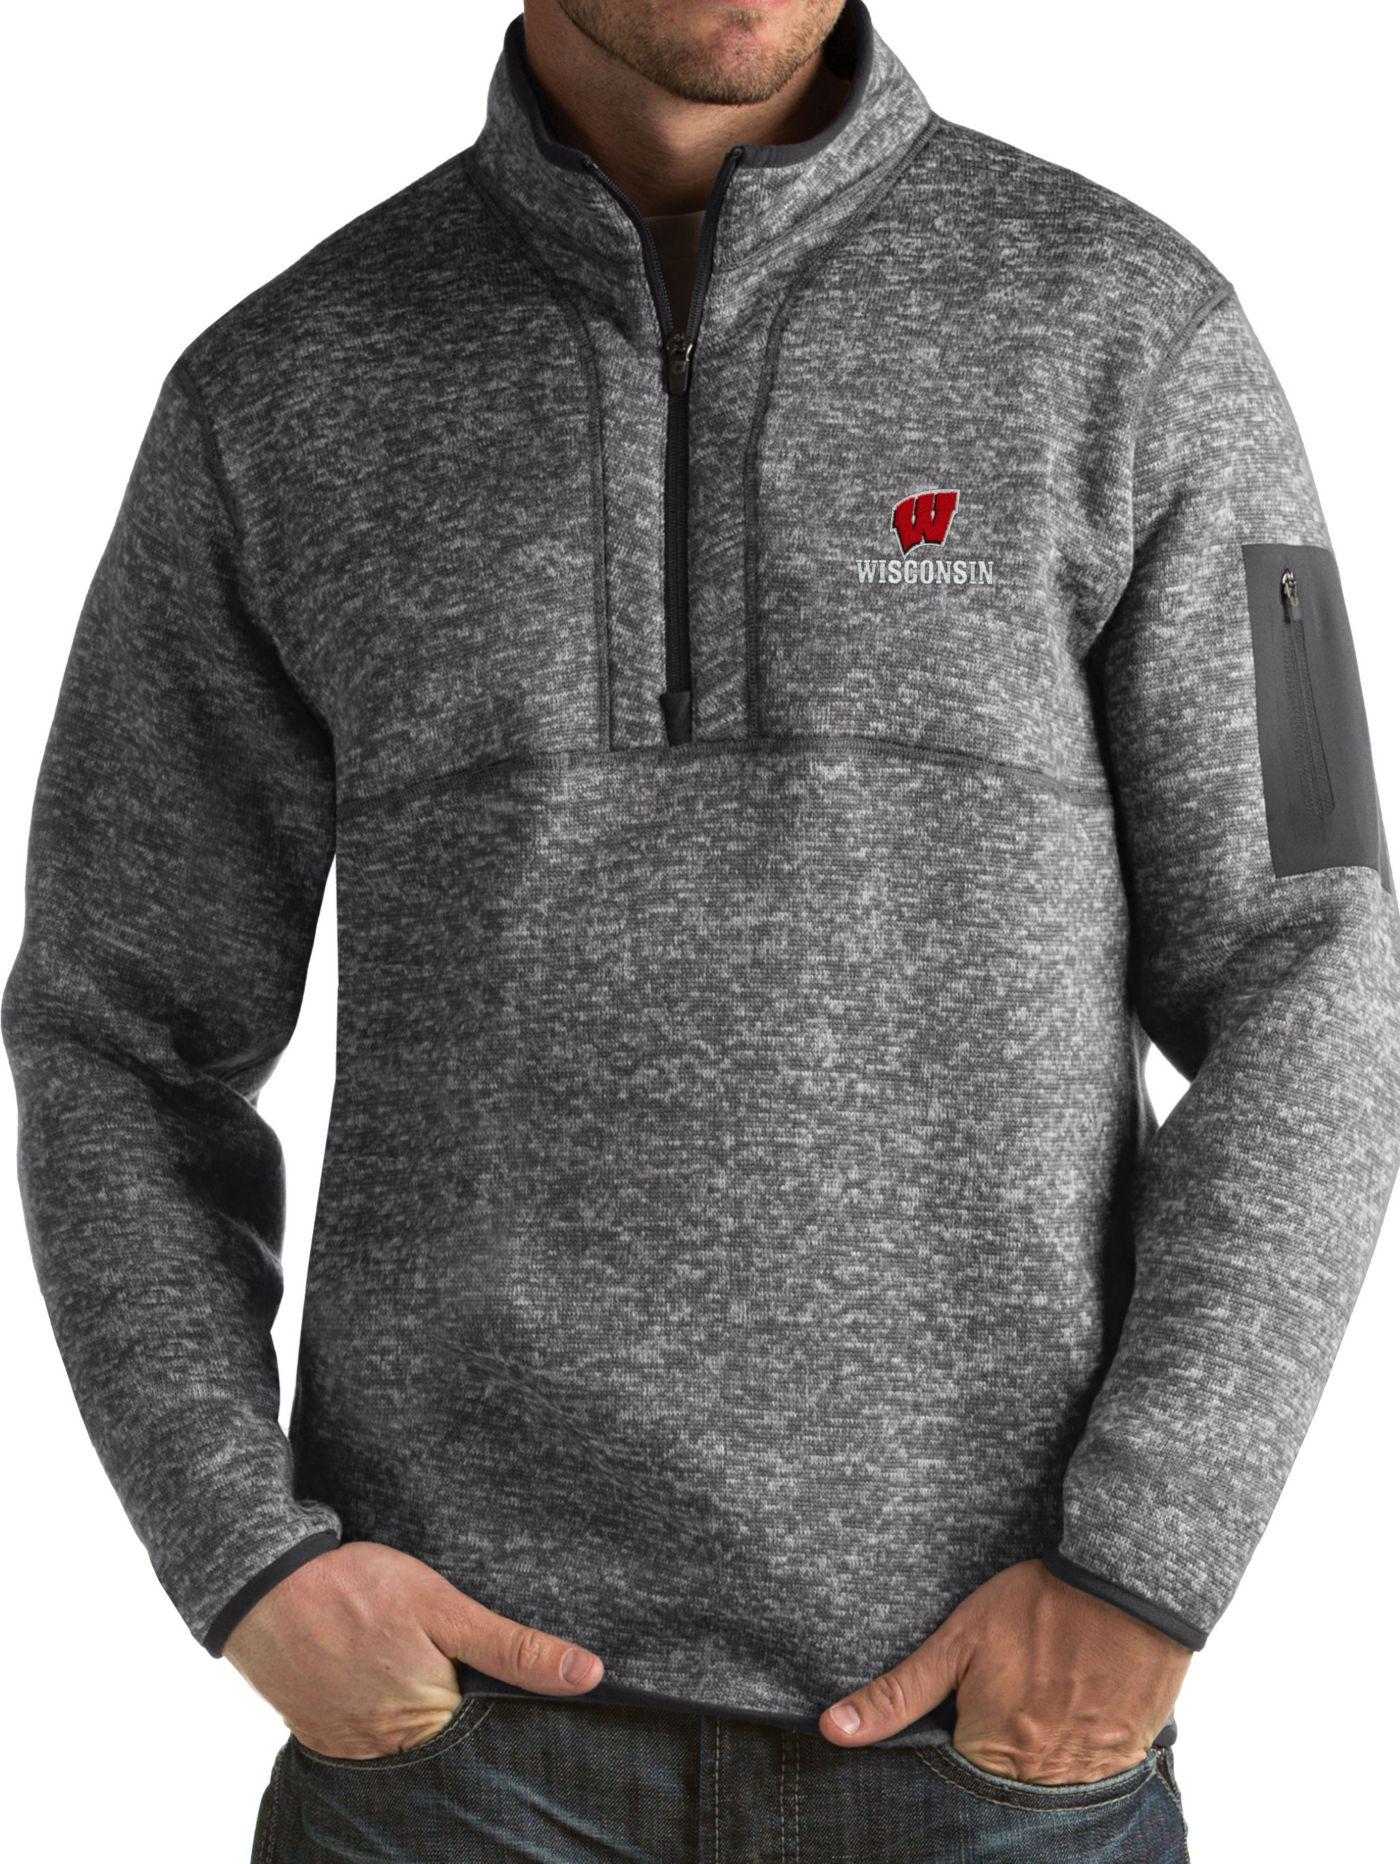 Antigua Men's Wisconsin Badgers Grey Fortune Pullover Jacket